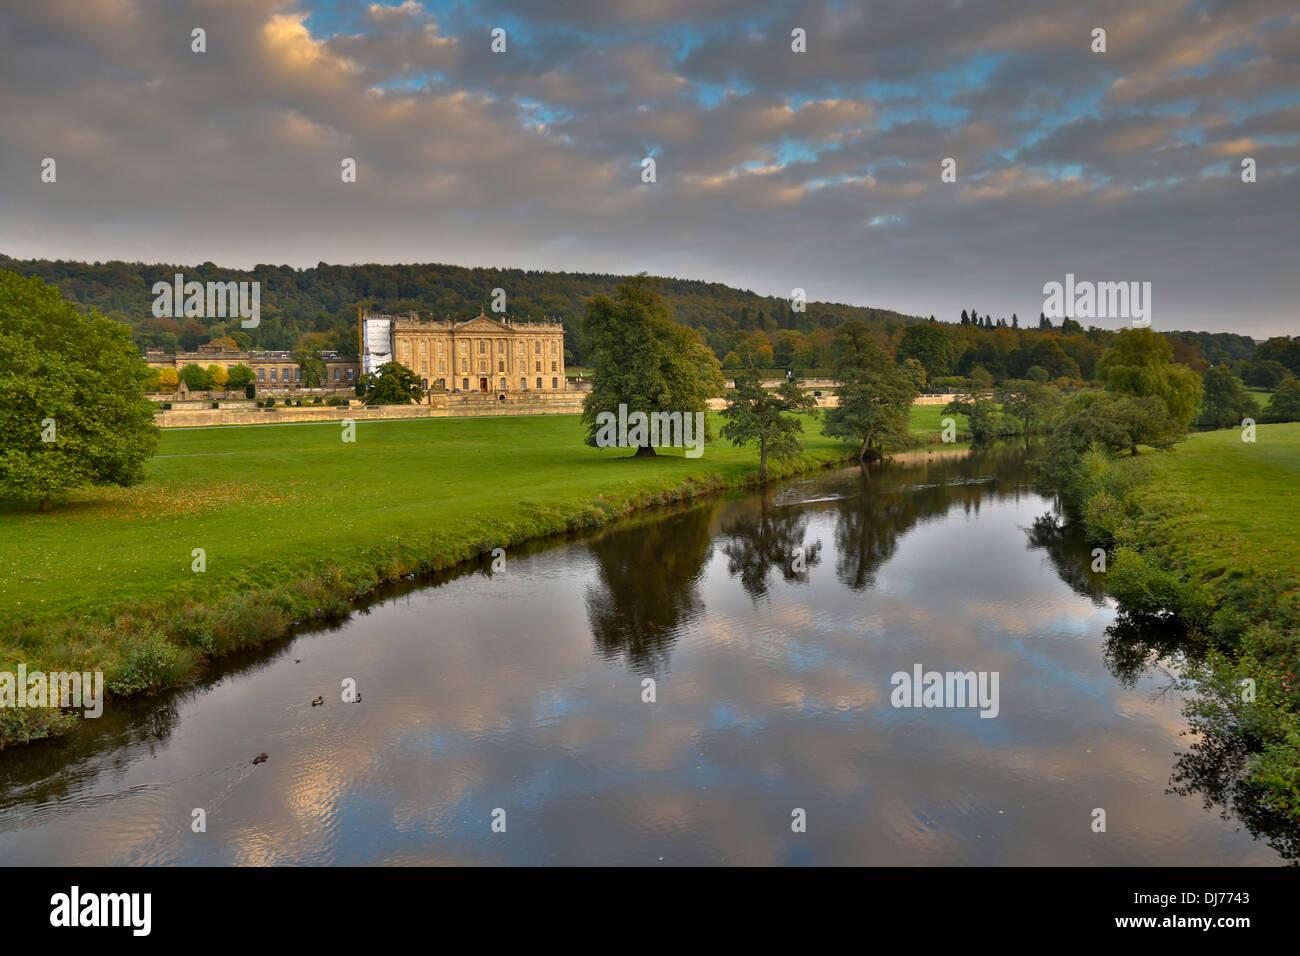 Chatsworth House and Estate; Derbyshire; UK - Stock Image